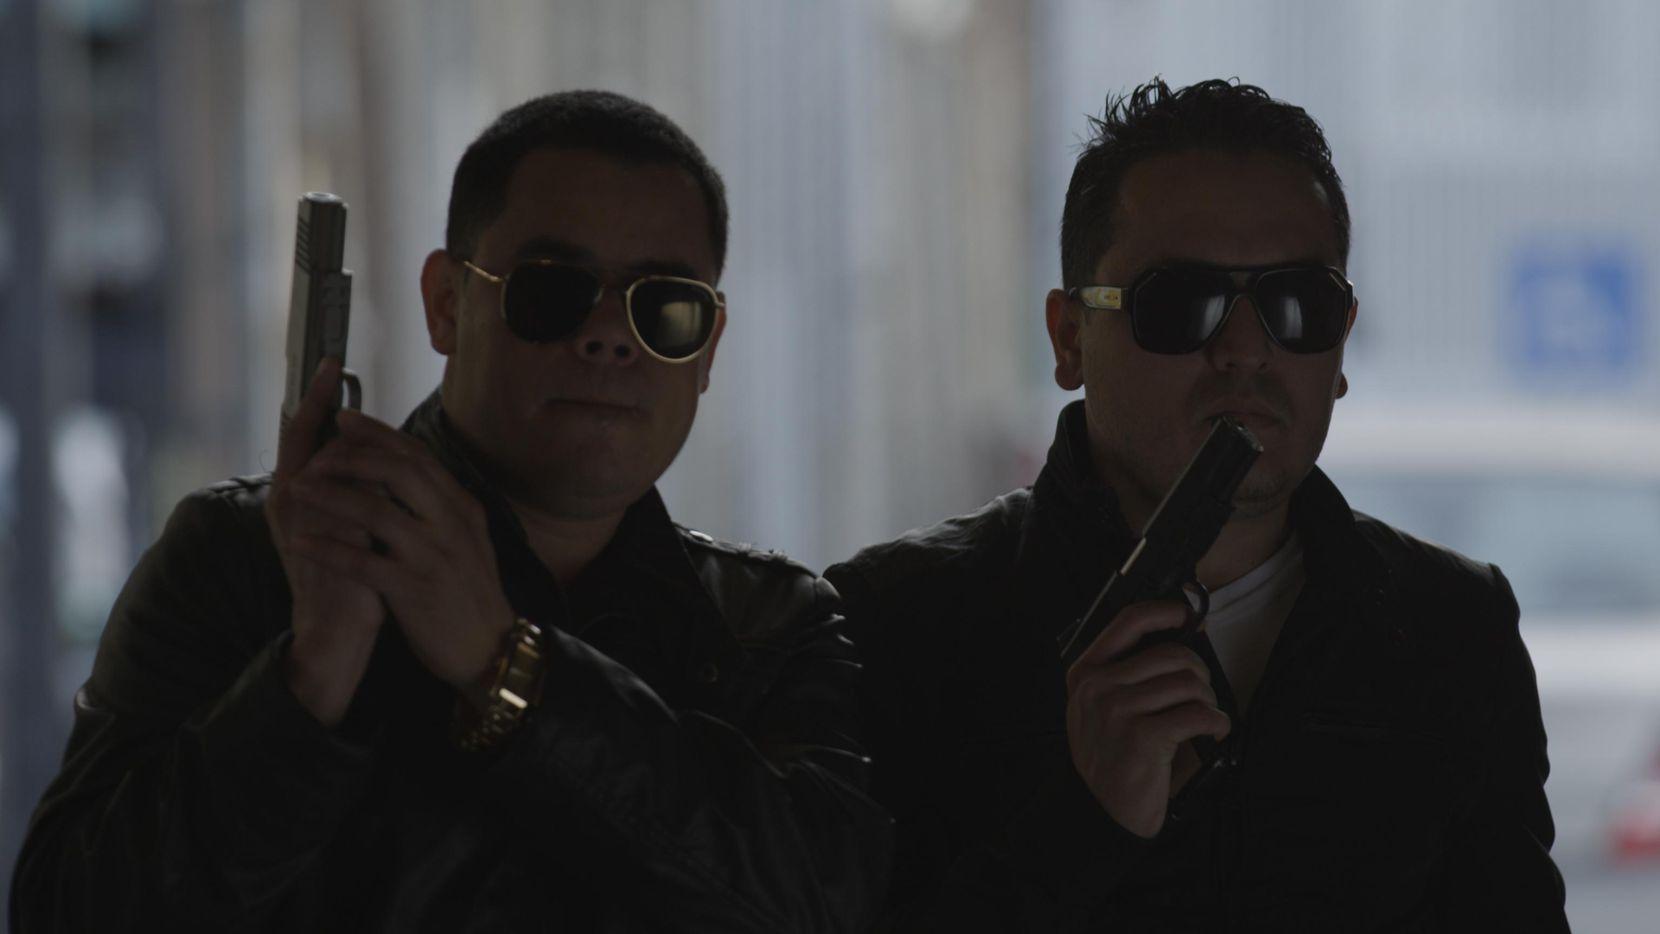 """Gabriel y Nano Berrelleza, conocidos como los Cuates de Sinaloa, protagonizan la cinta """"¿Cómo le digo?"""" por Cinelatino.(CORTESÍA CINELATINO)"""